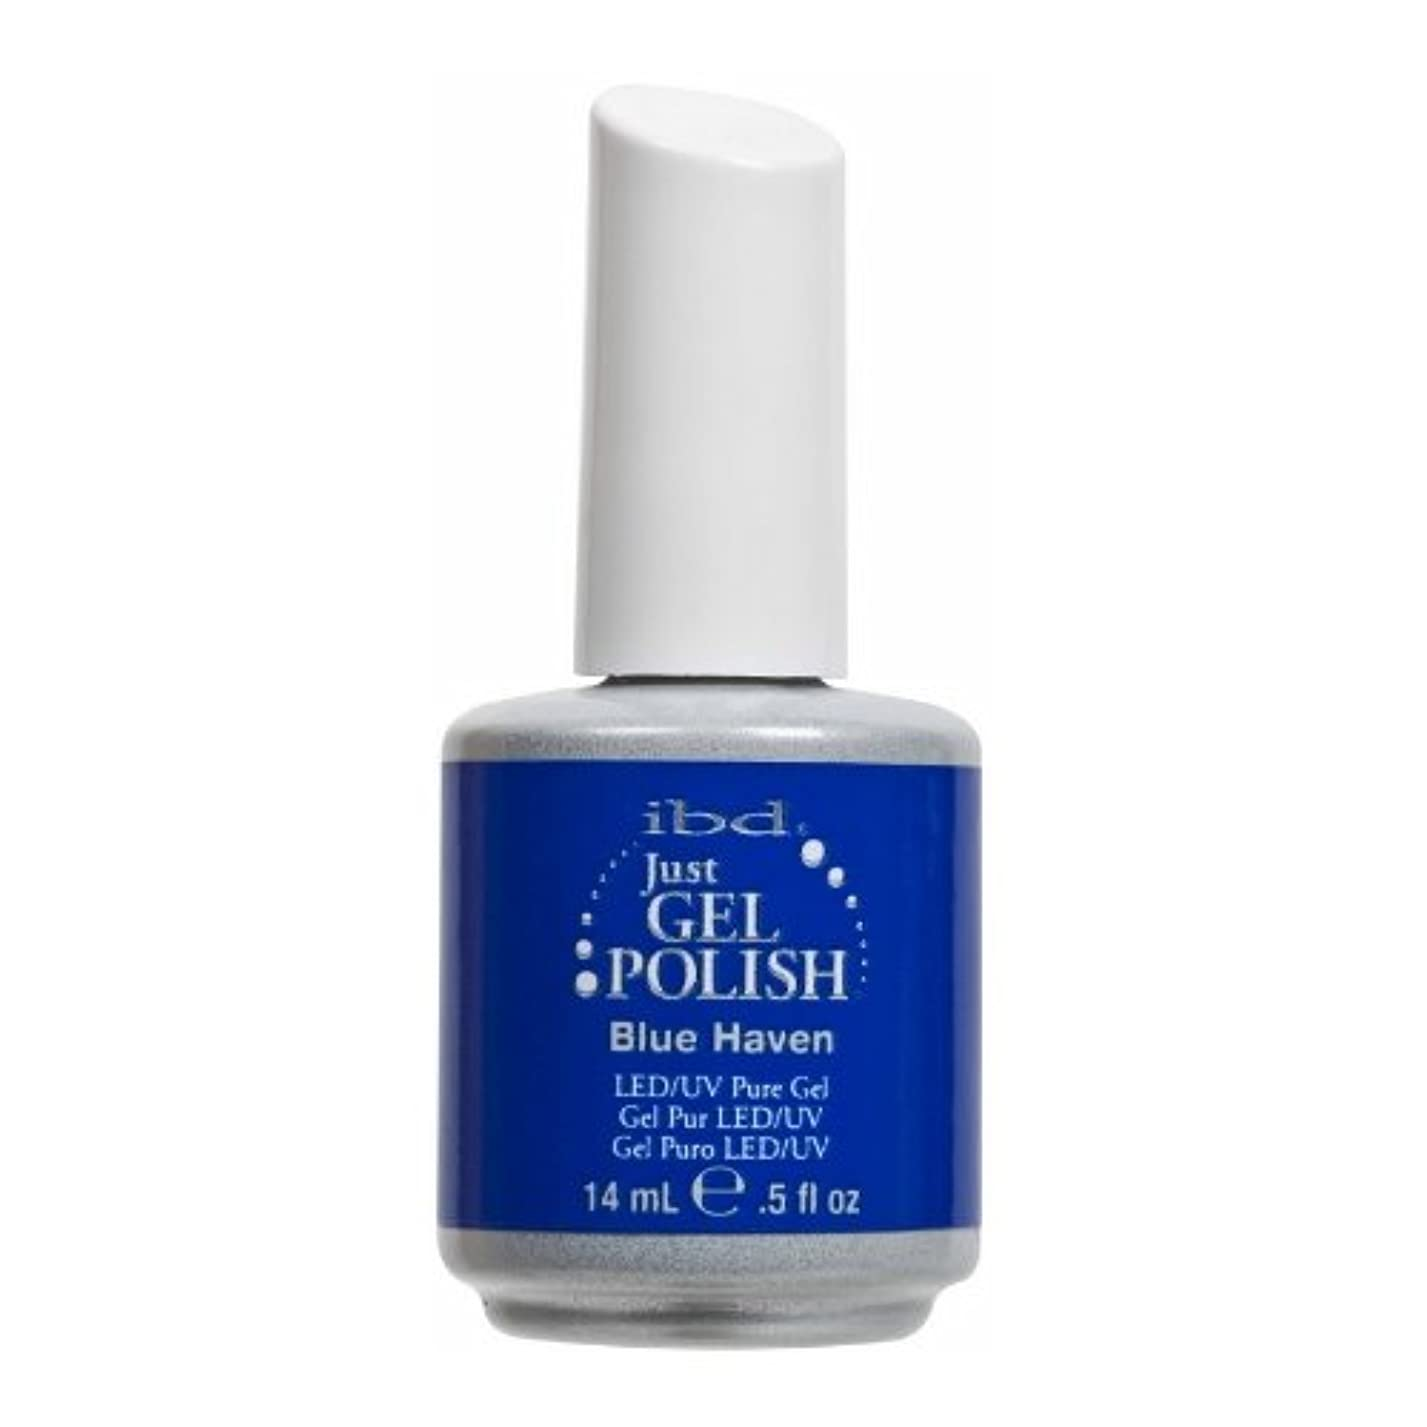 処分した言語学寸法ibd Just Gel Polish - Blue Haven (並行輸入品)